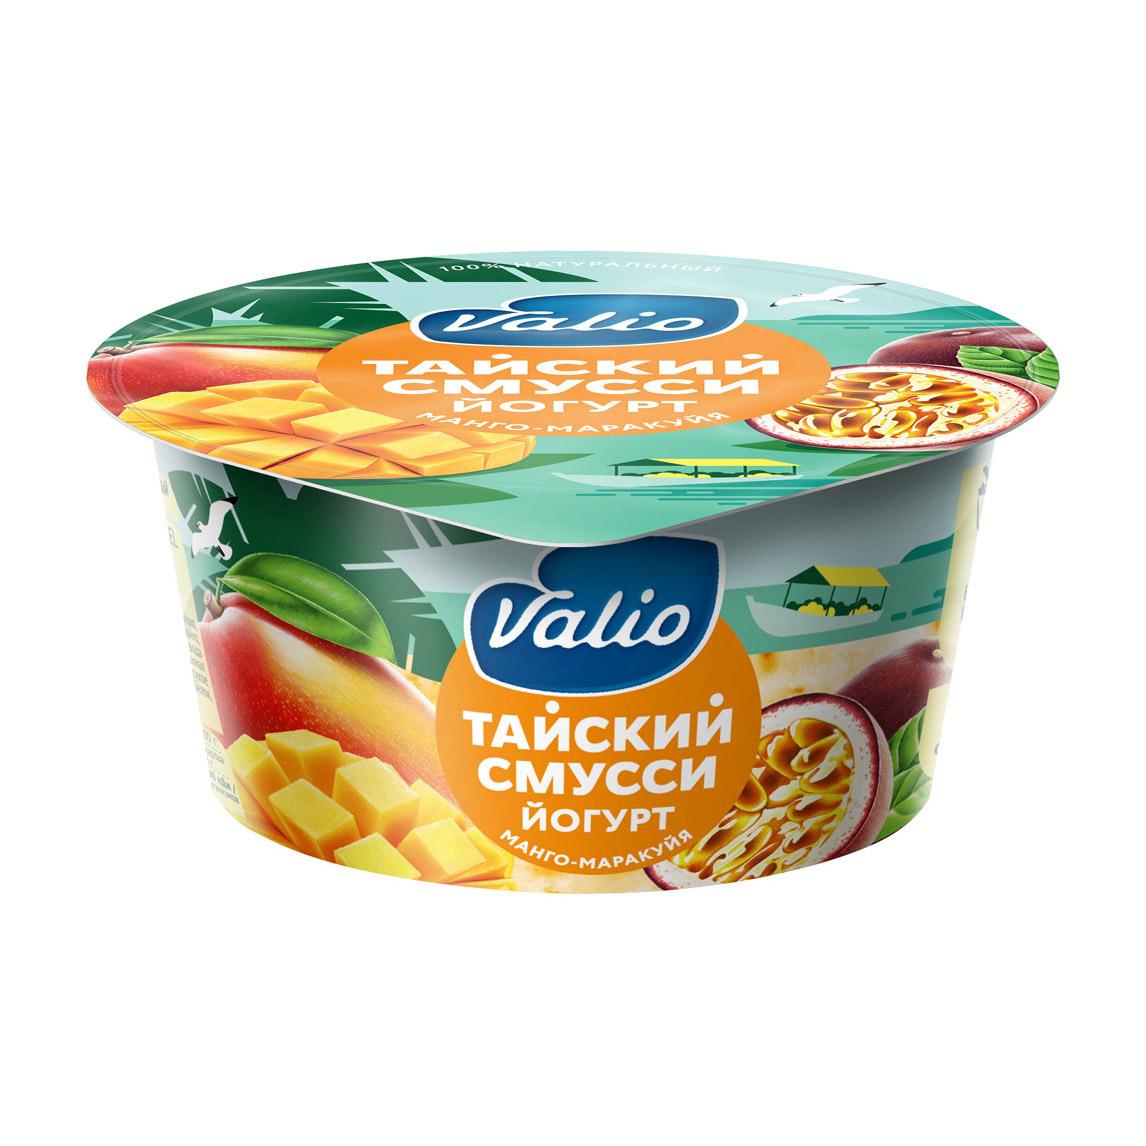 Фото - Йогурт Valio Clean label Тайский Смусси с манго и маракуйей 2,6% 140 г йогурт valio clean label малибу